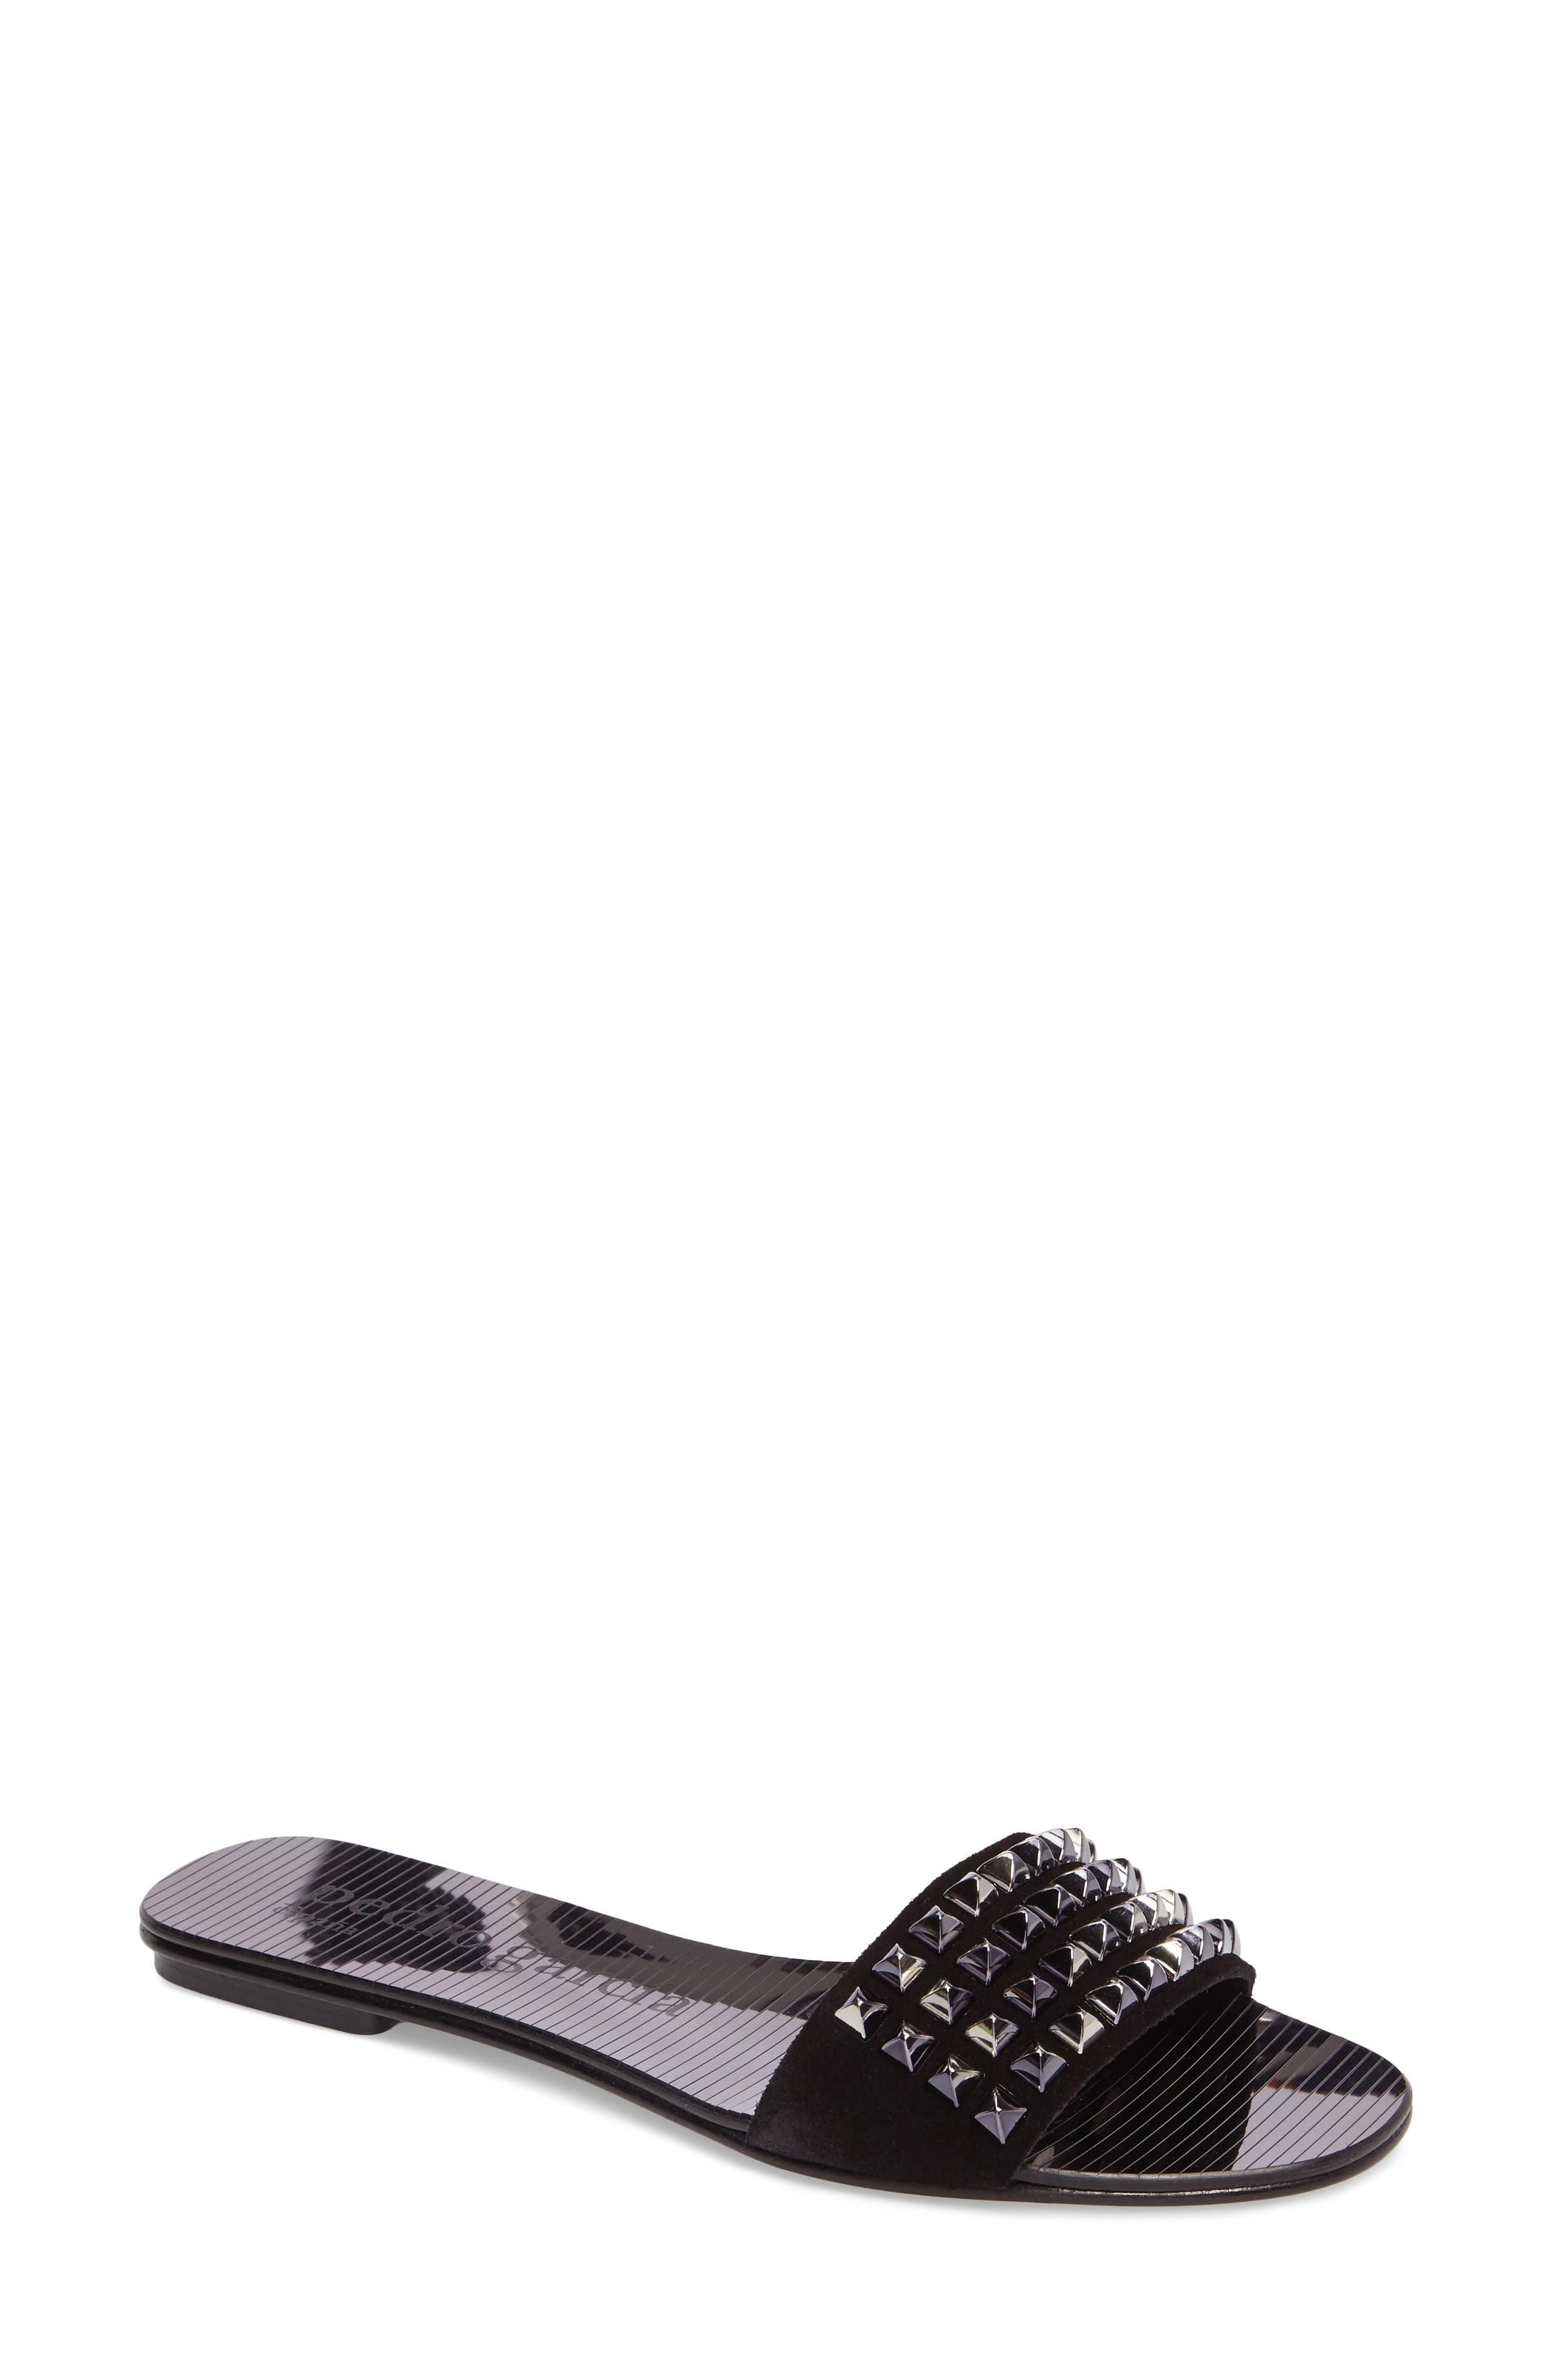 Alternate Image 1 Selected - Pedro Garcia Edge Studded Slide Sandal (Women)